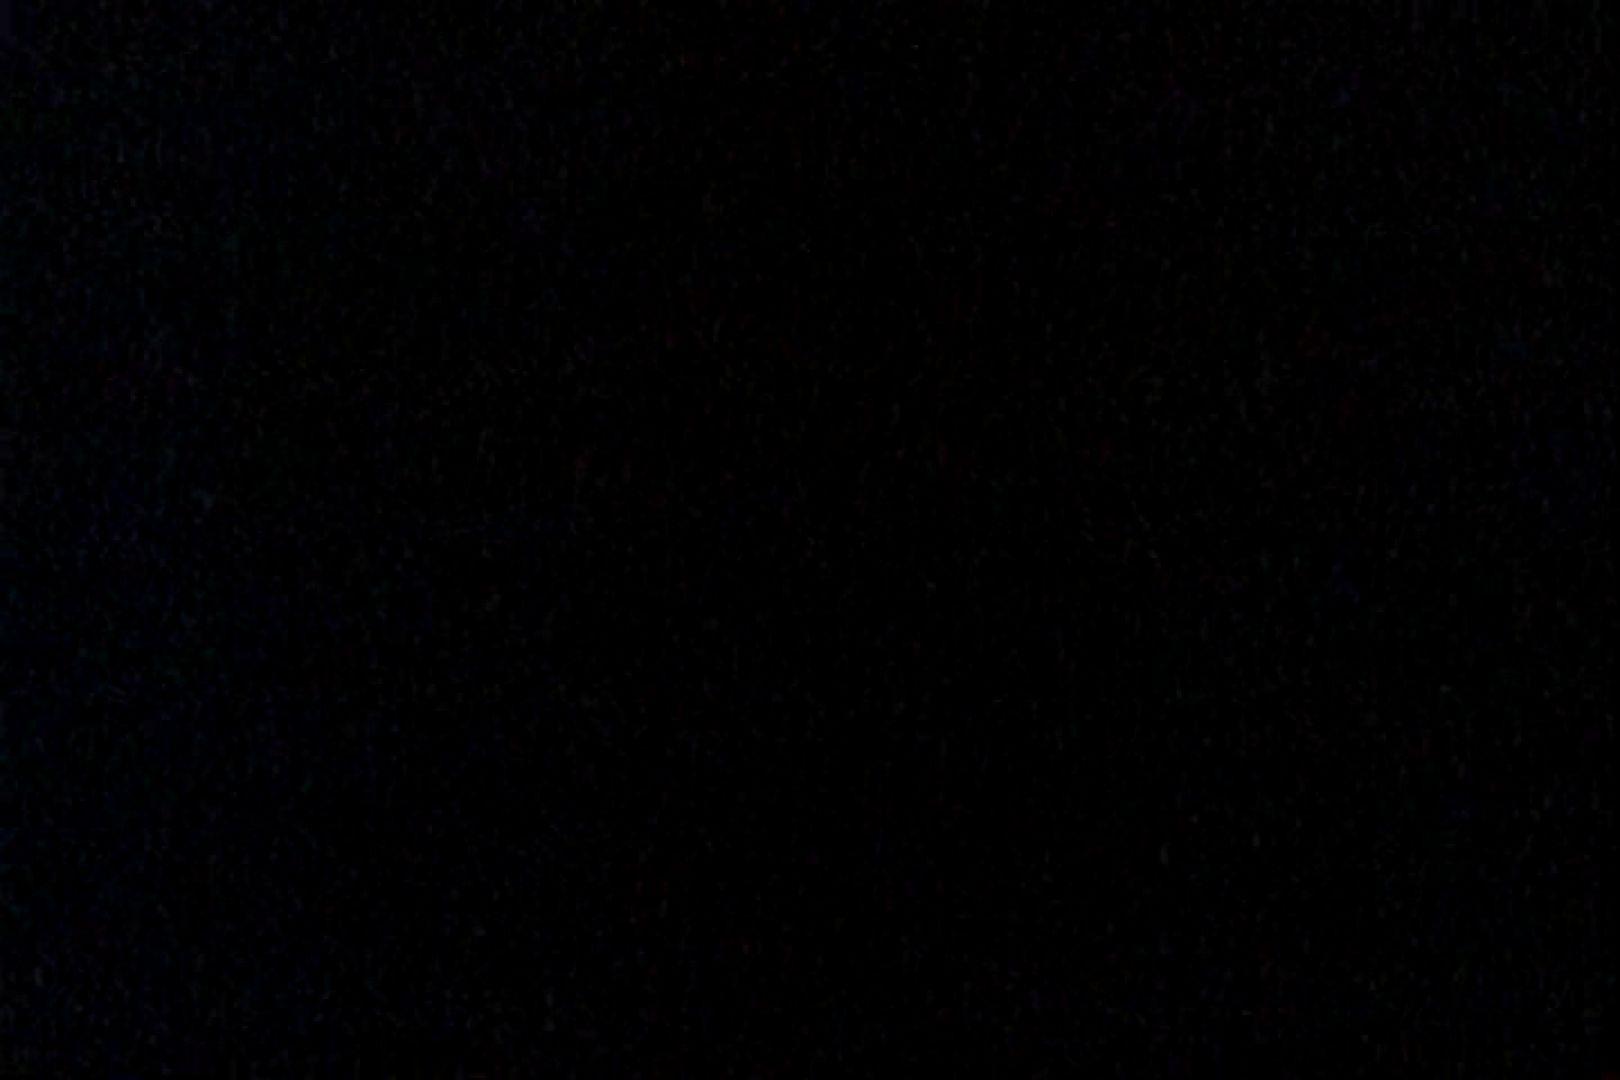 「充血監督」さんの深夜の運動会!! vol.152 カーセックスプレイ動画 ワレメ無修正動画無料 68画像 29